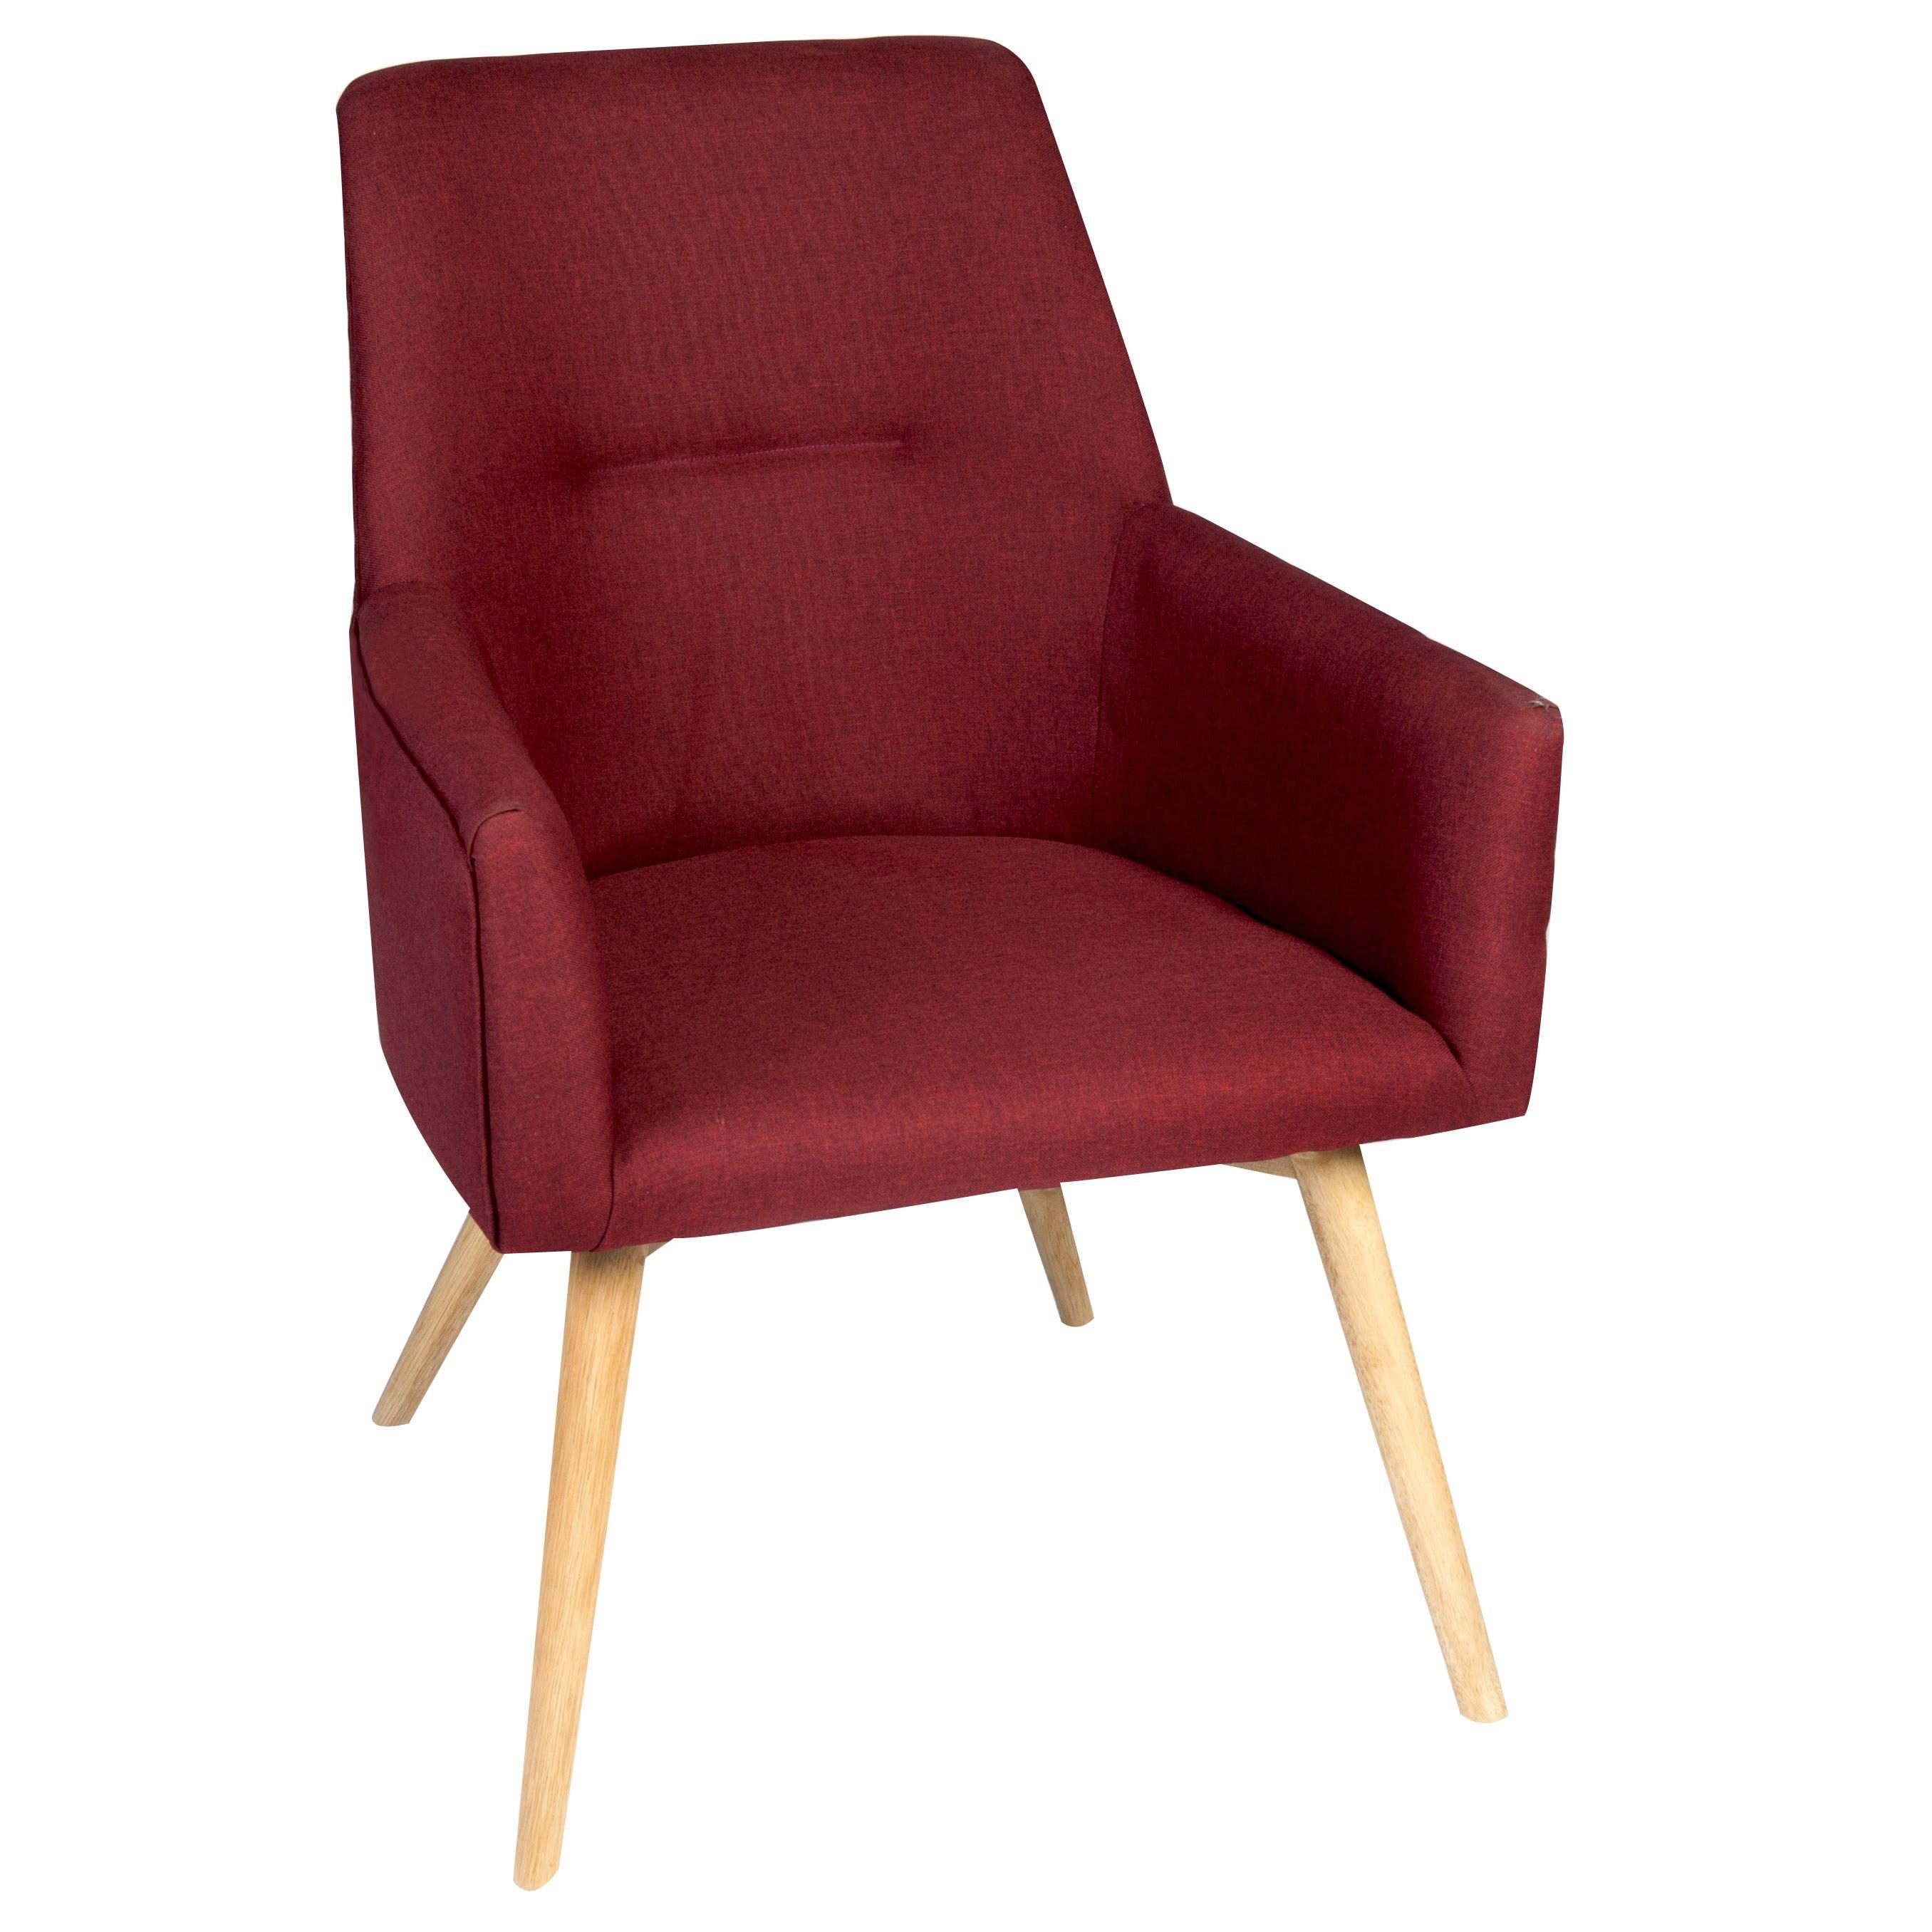 Fauteuil inspiration scandinave tissu couleur rouge pieds bois 72x62xH88cm OSLO 2